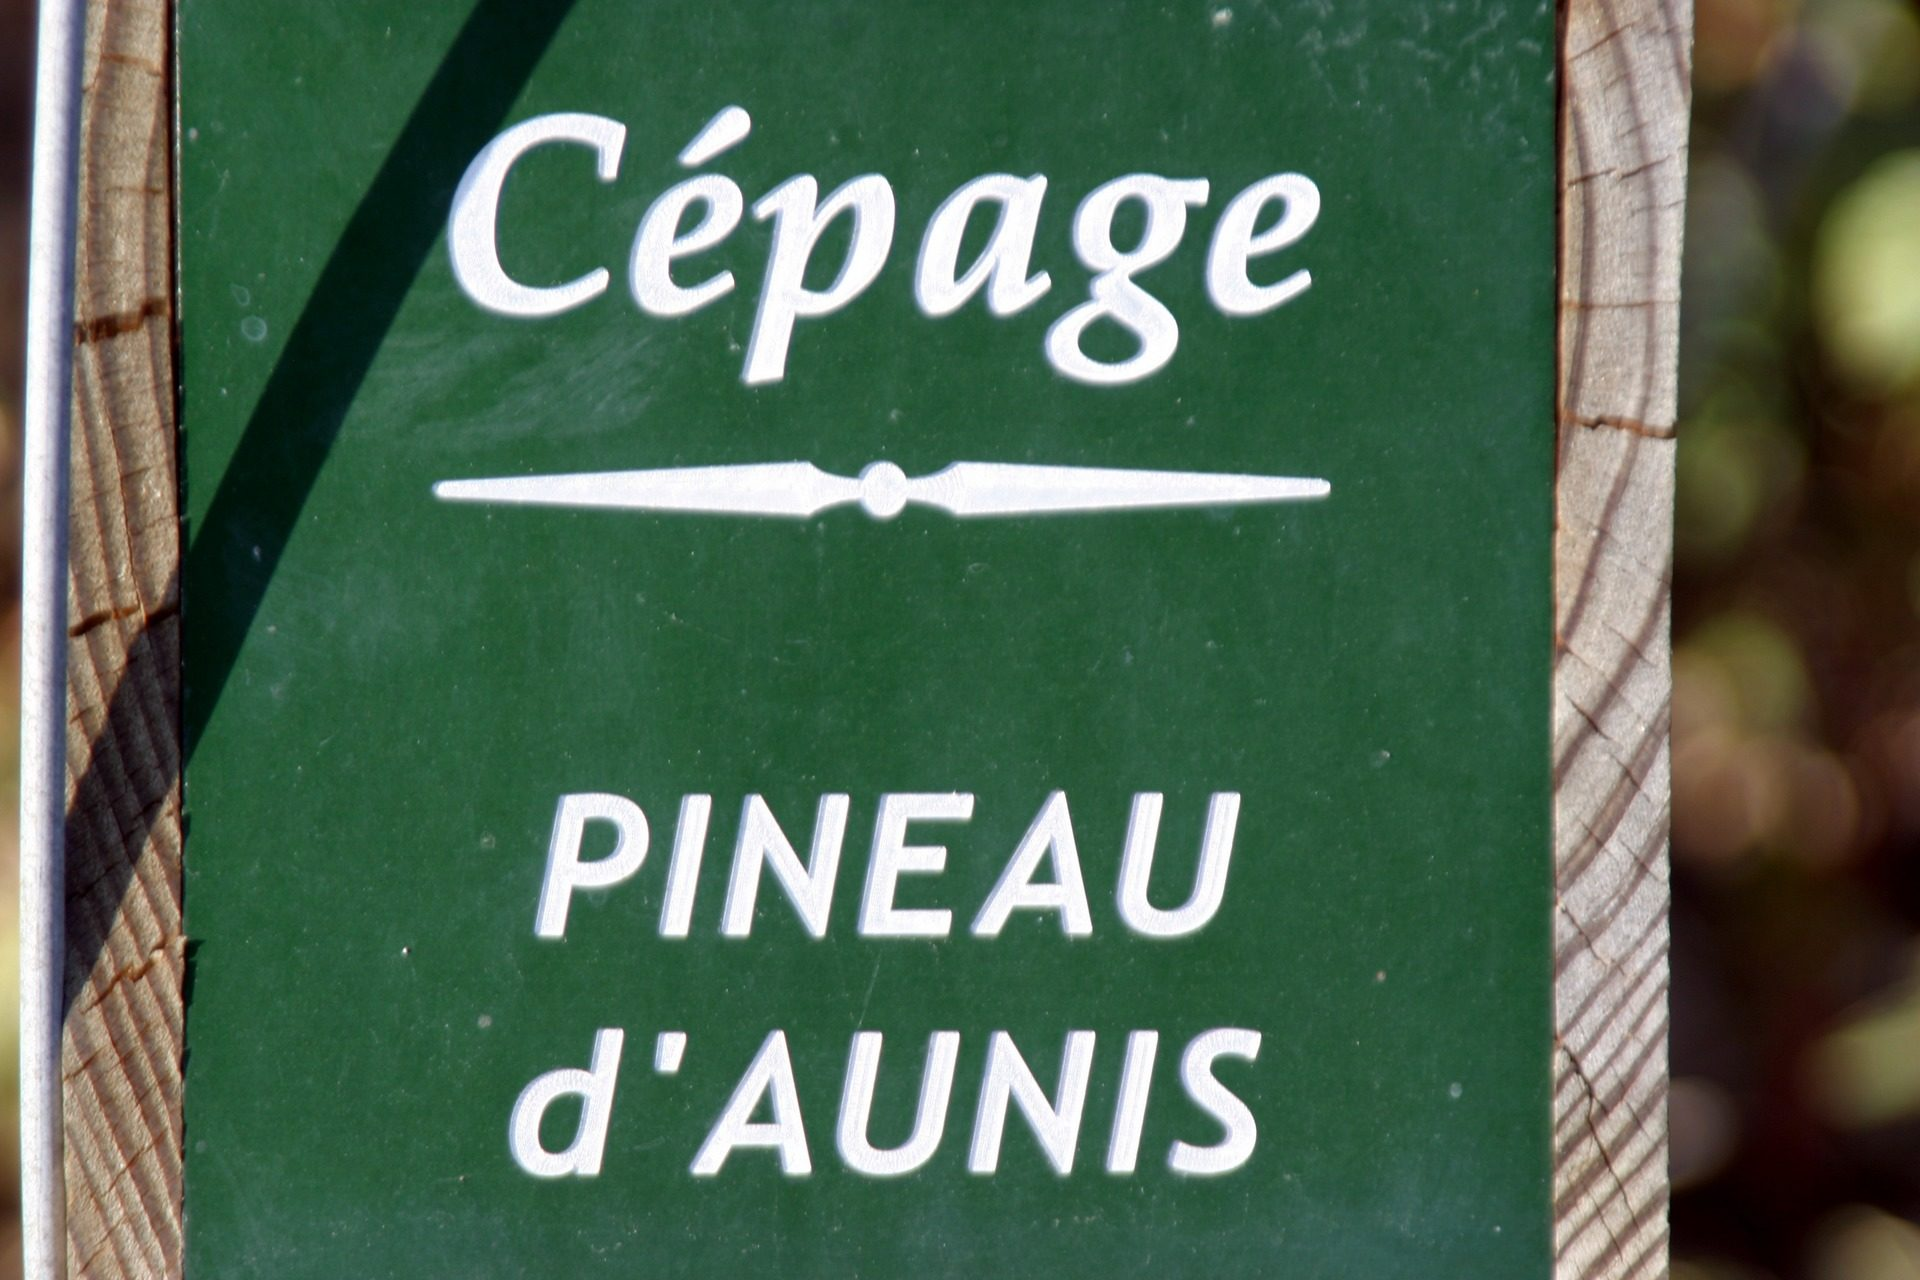 Pineau d'aunis - Vendôme